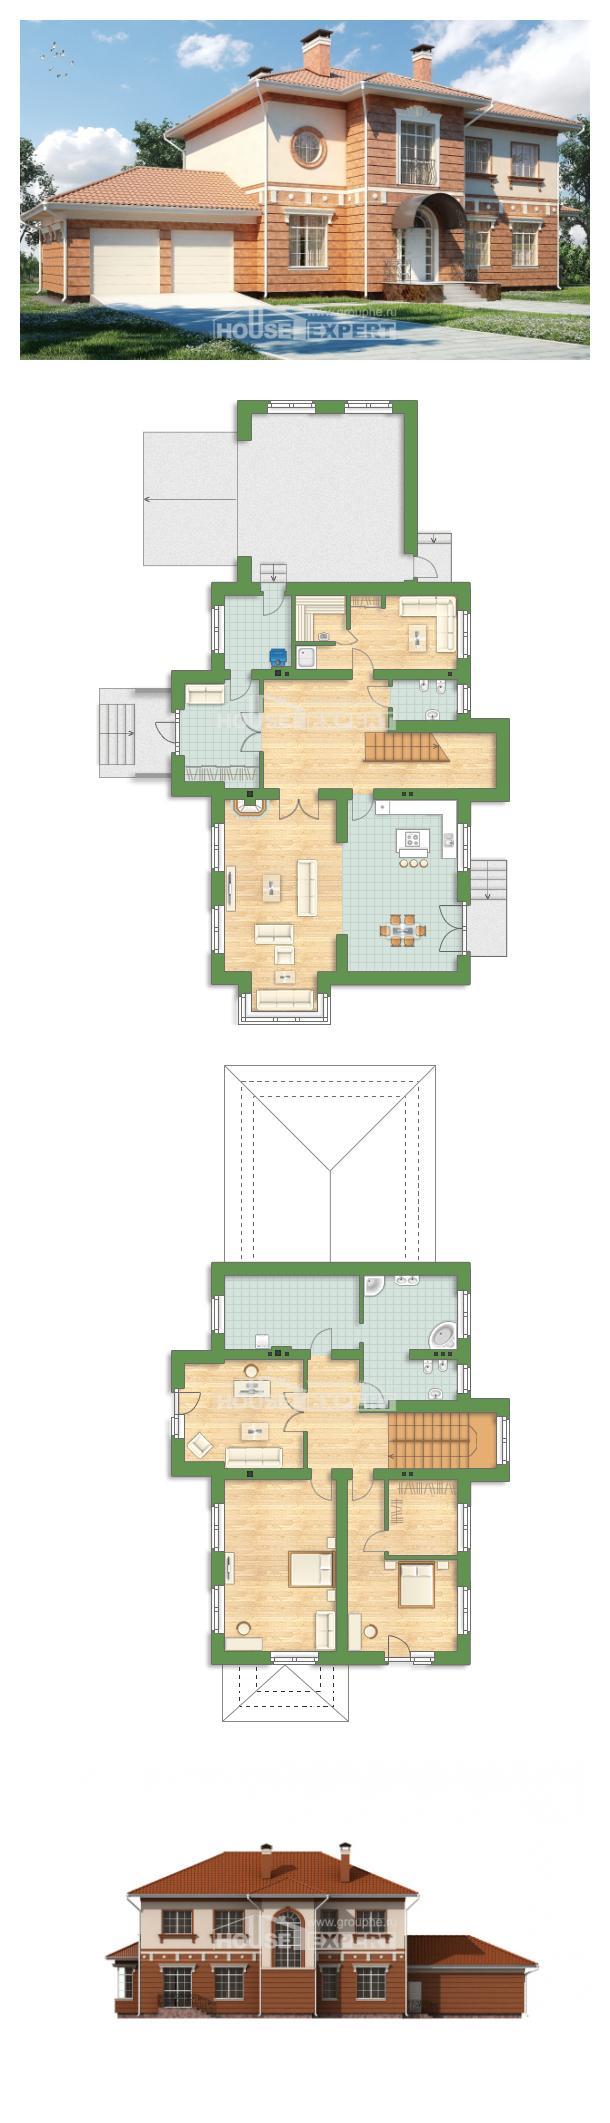 房子的设计 285-001-L | House Expert